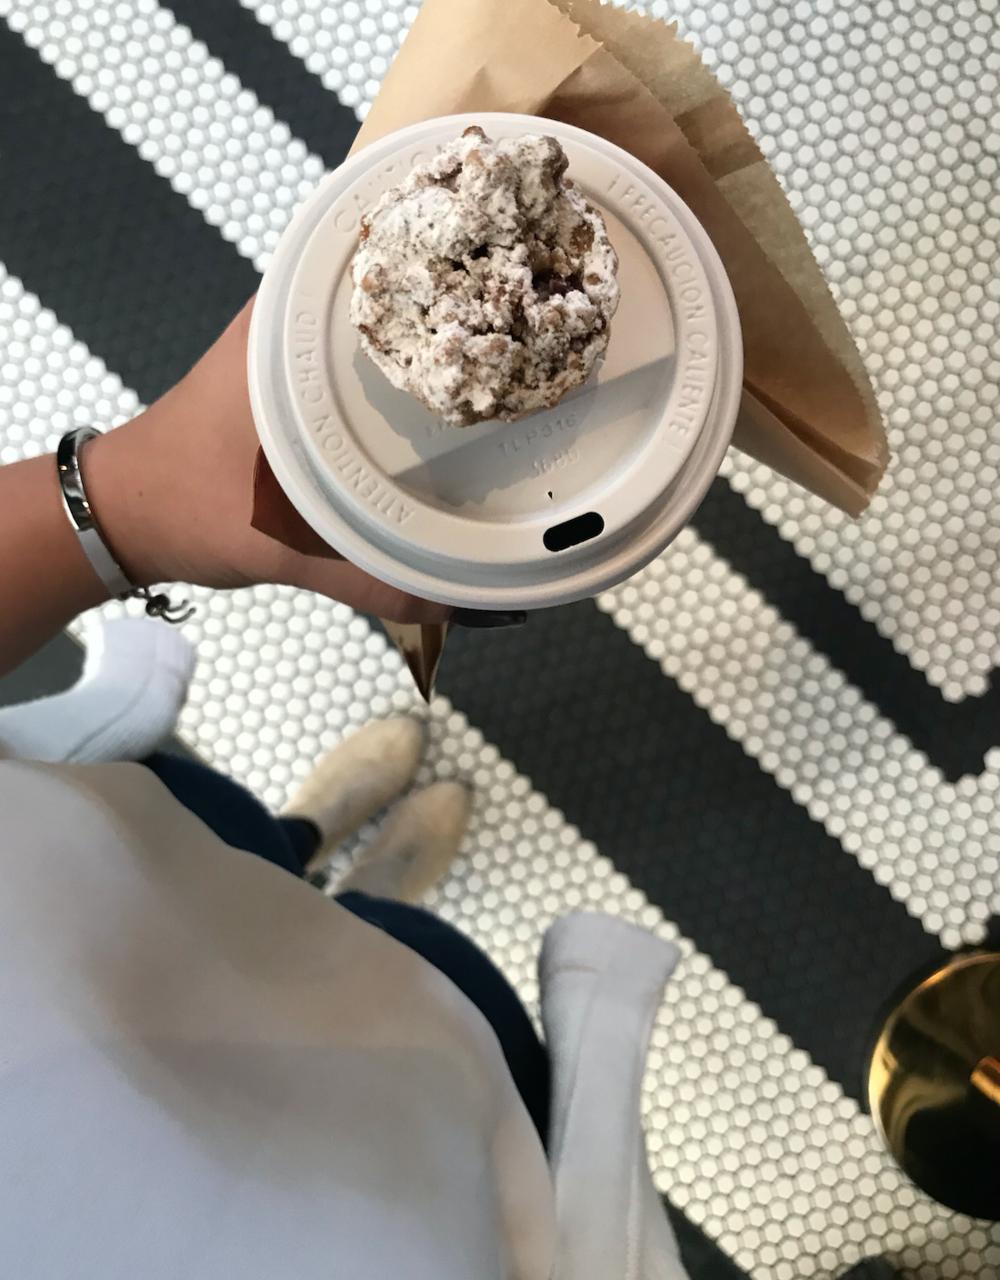 Pigtrain Coffee